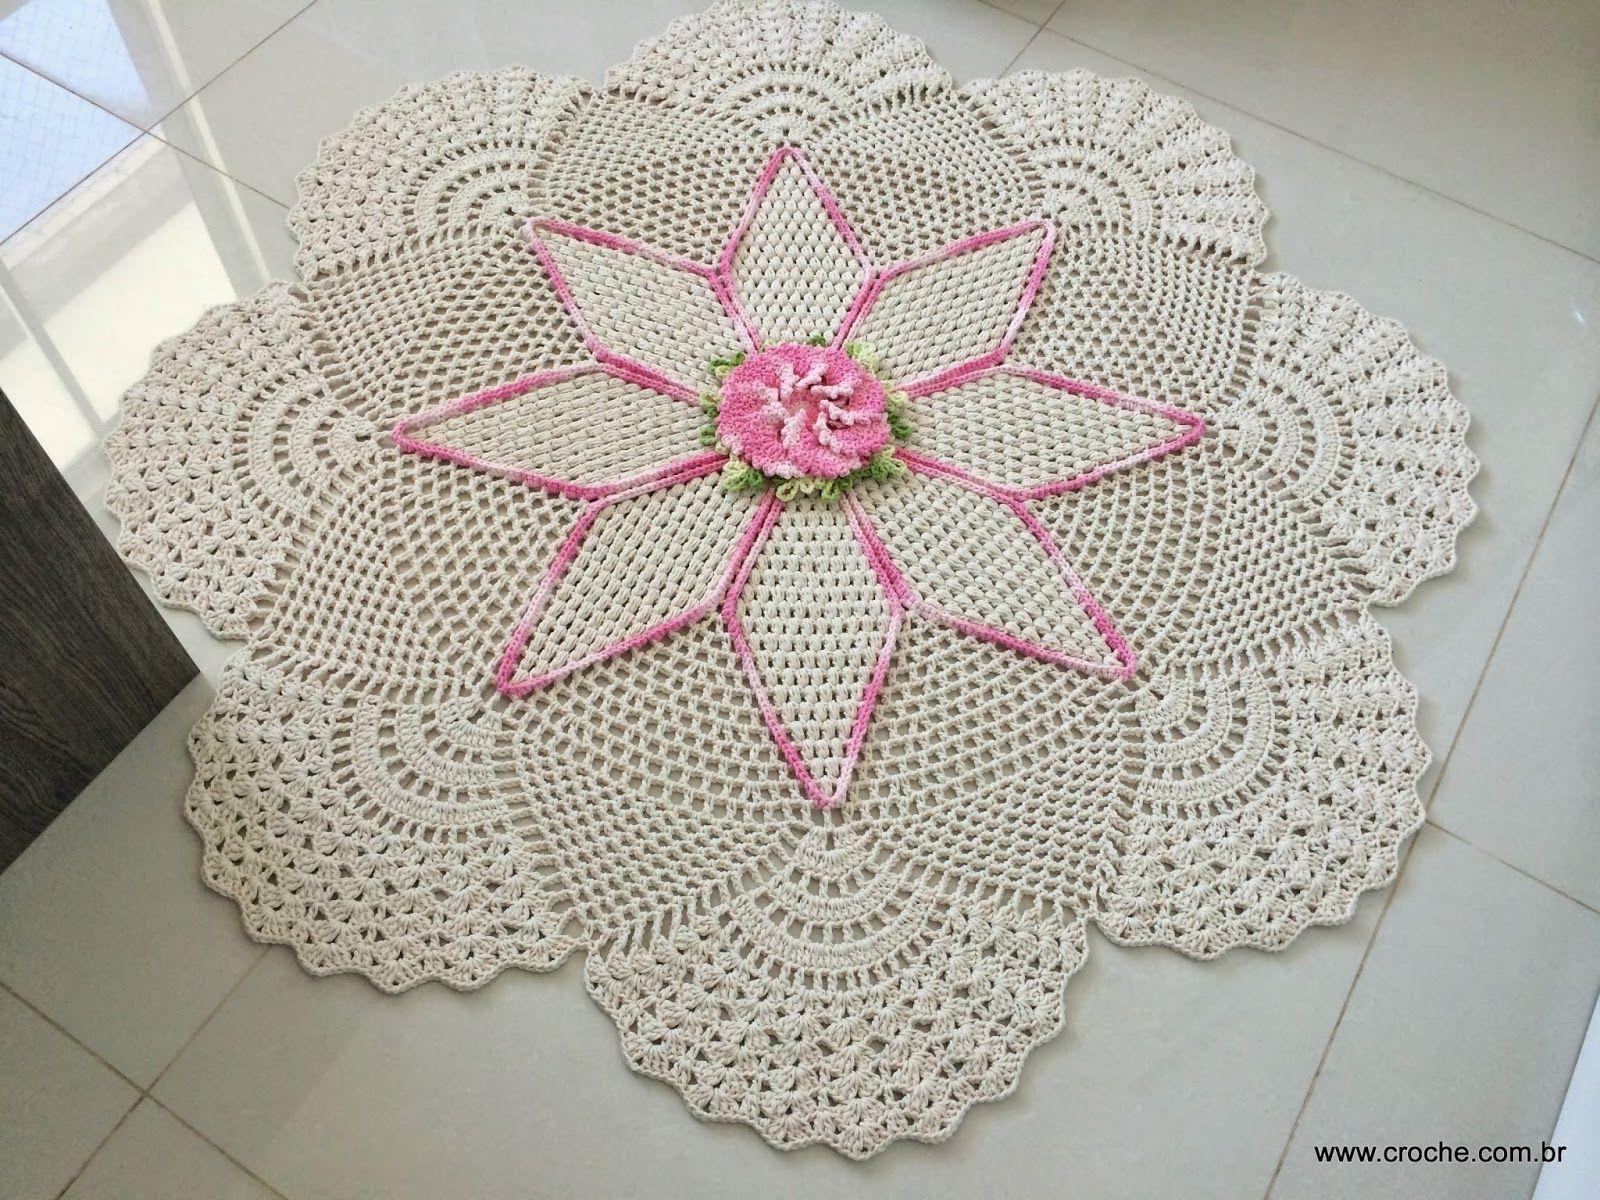 Tapete Redondo Flor Primavera Www Croche Com 4 Pinteres  -> Tapete De Croche Redondo Passo A Passo